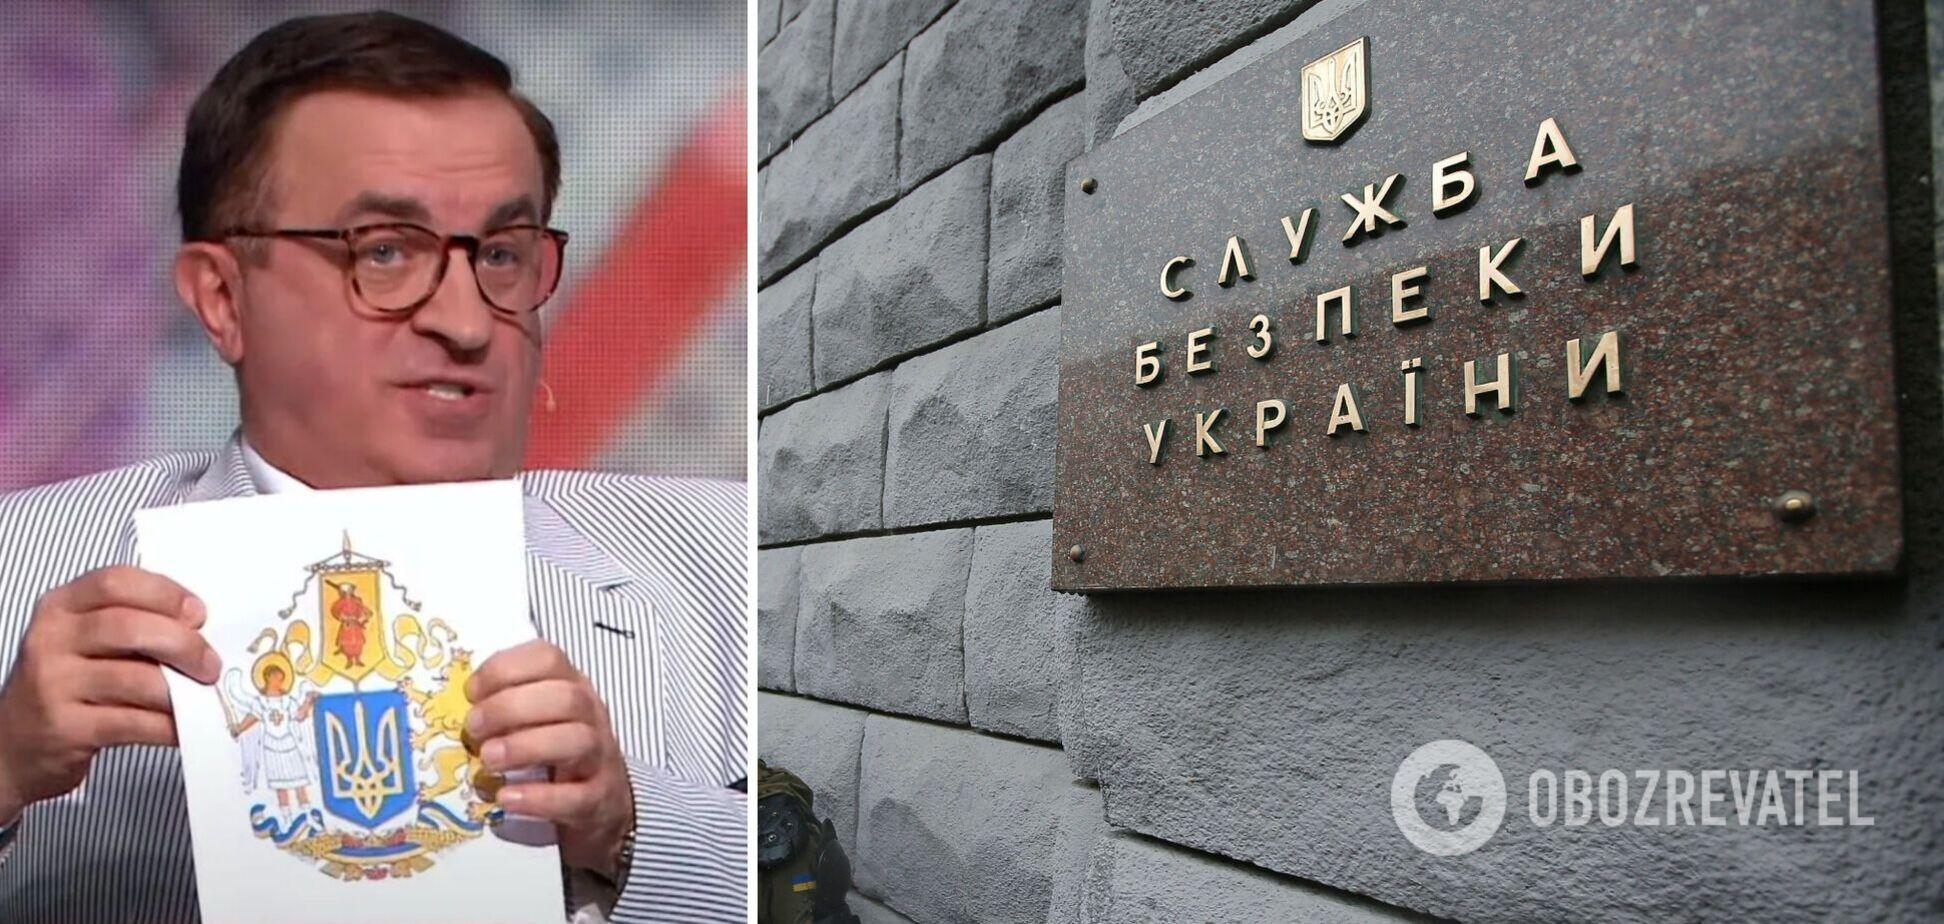 СБУ задержала 'политического эксперта' с каналов Медведчука. Фото и видео